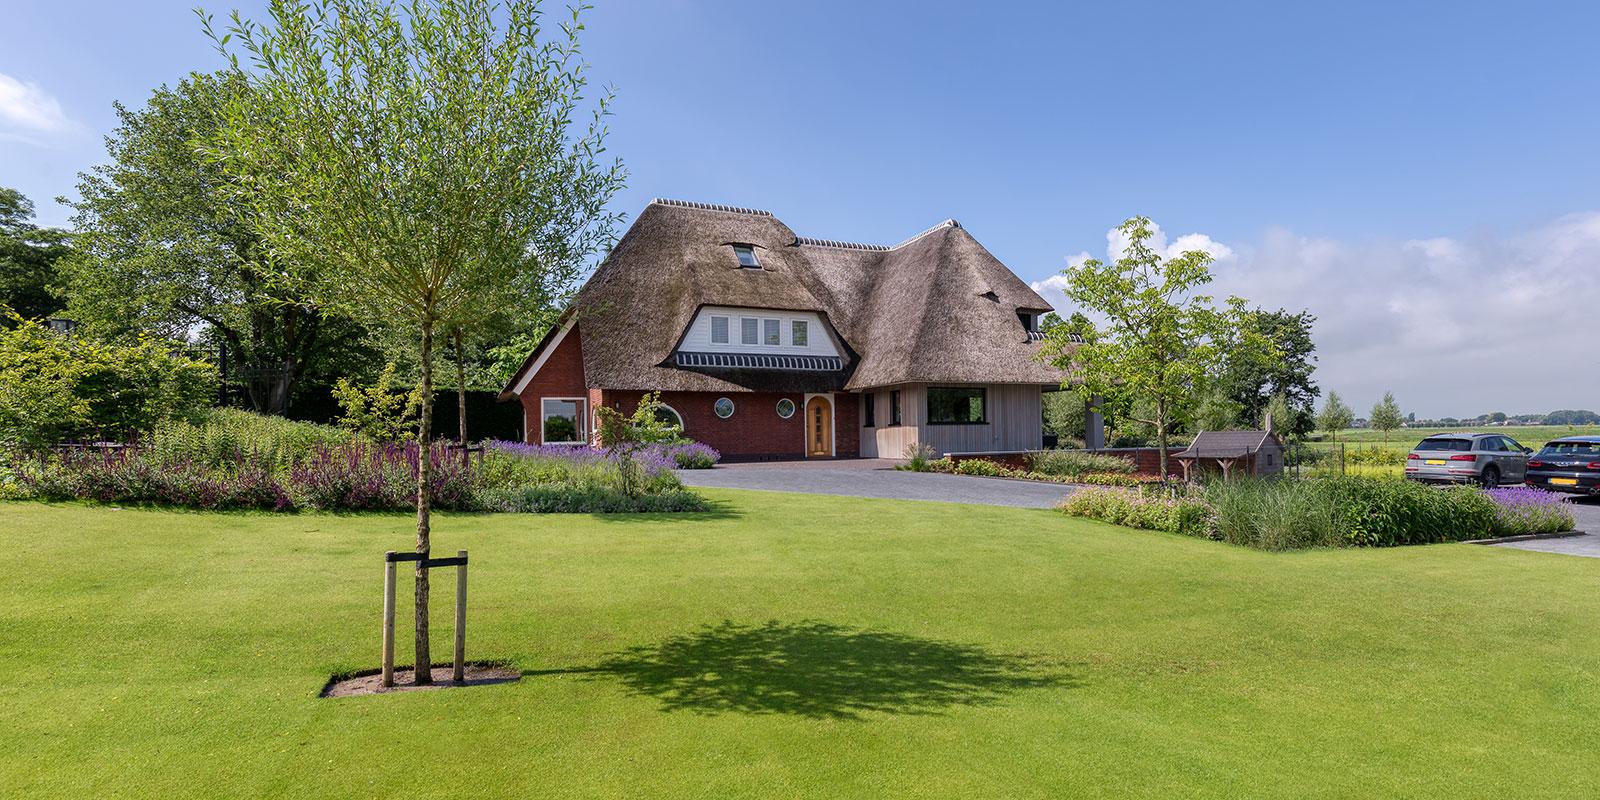 Uw ideale tuin, Hoveniersbedrijf Van Rosmalen, tuinprojecten